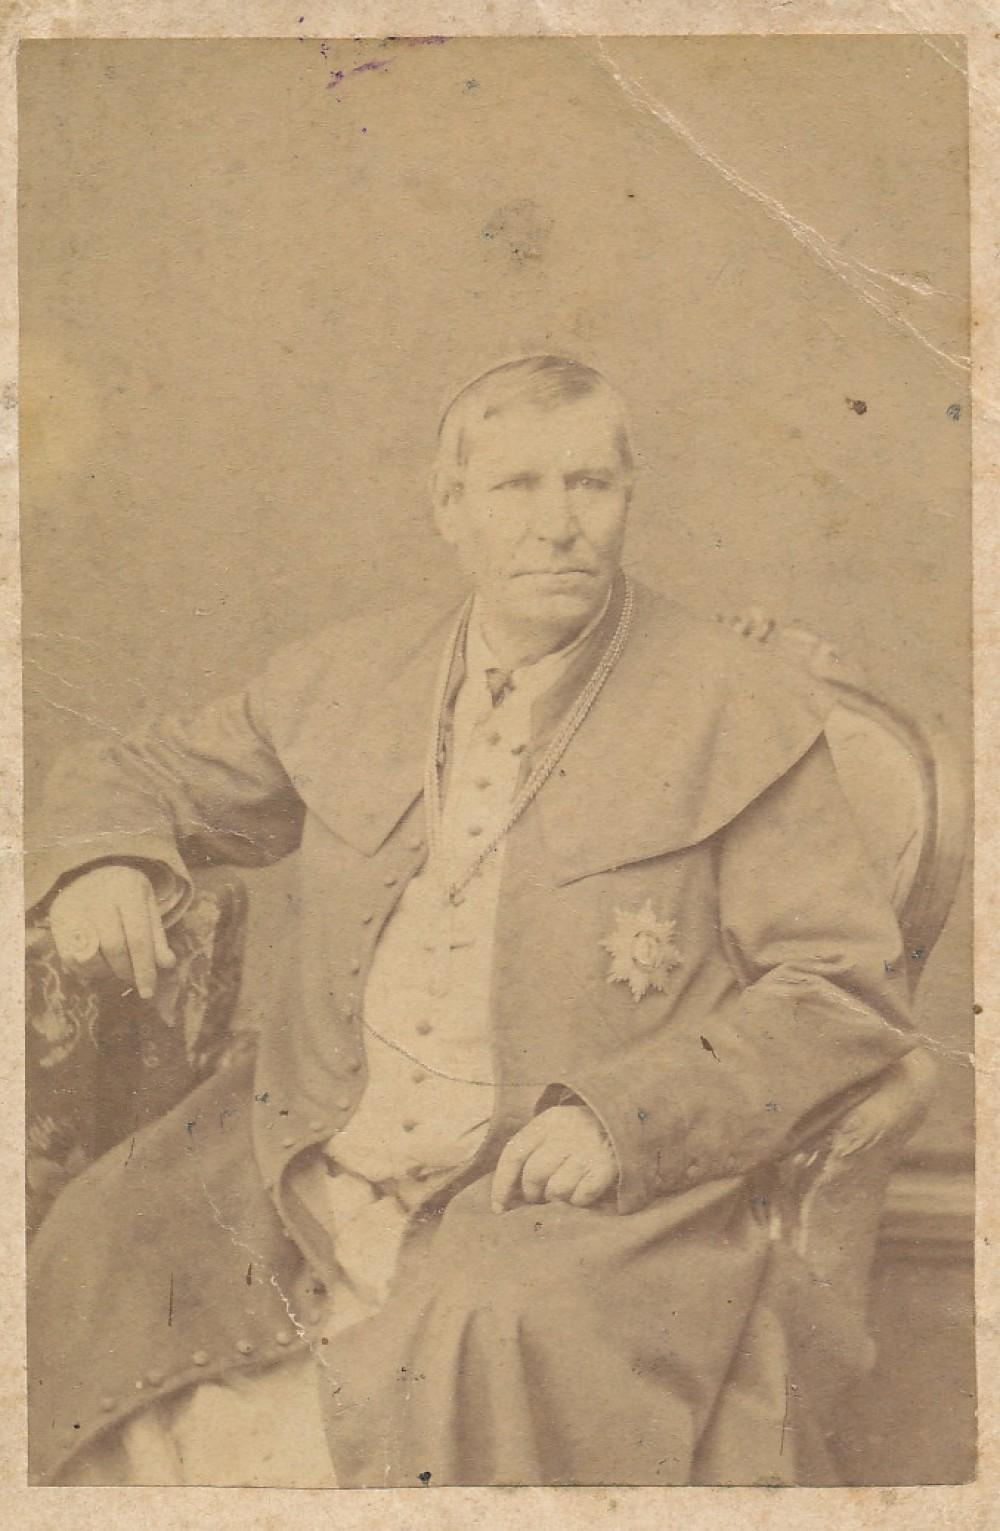 Žemaičių vyskupas Motiejus Valančius. 1868 m.